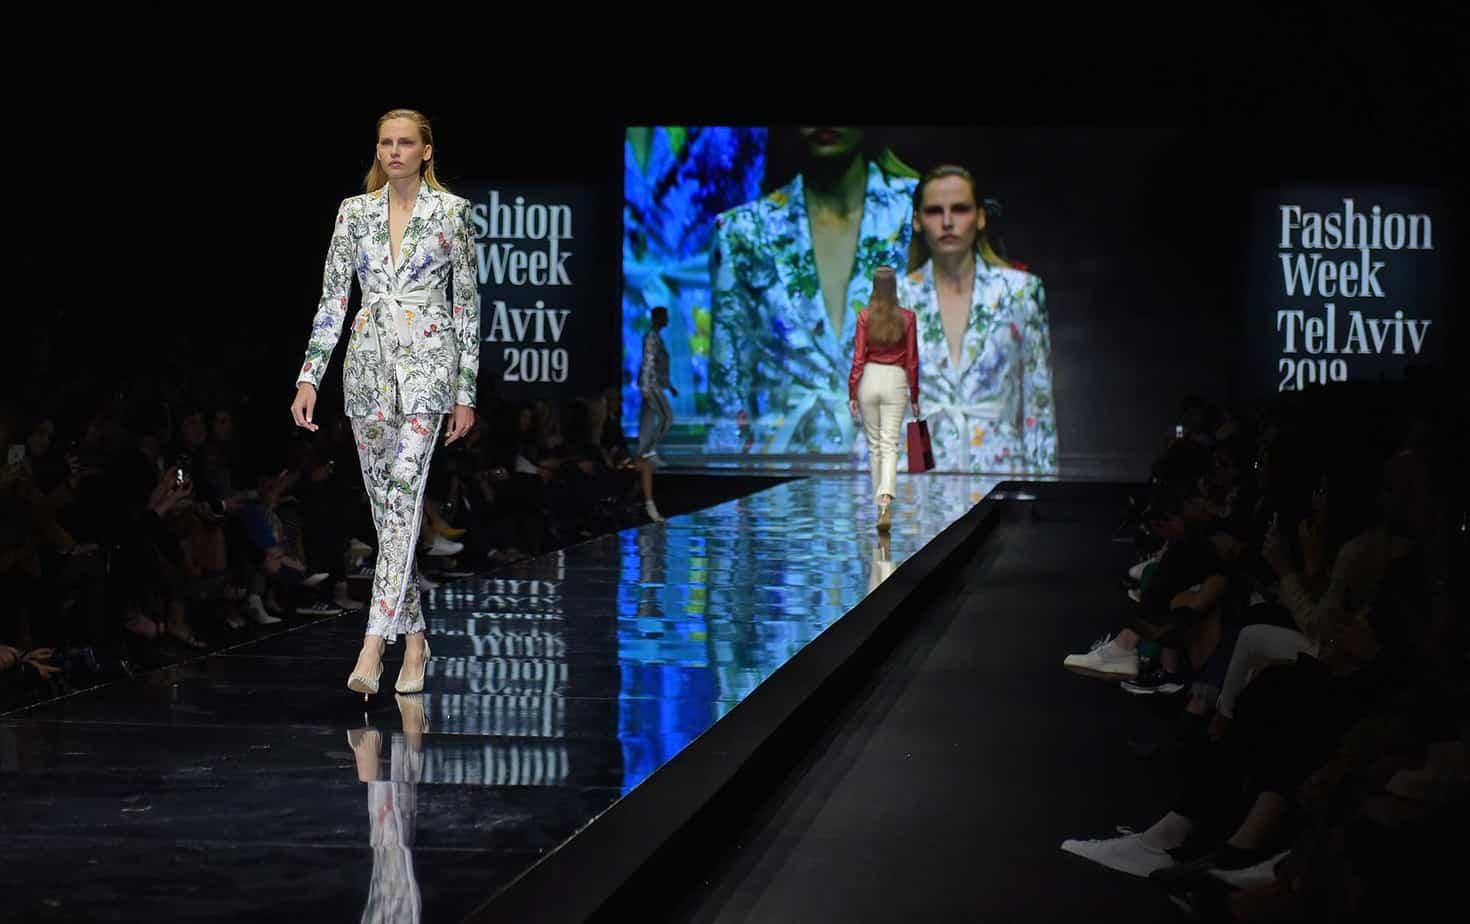 שי שלום. שבוע האופנה תל אביב 2019. צילום סרג'ו סטרודובצב - 12